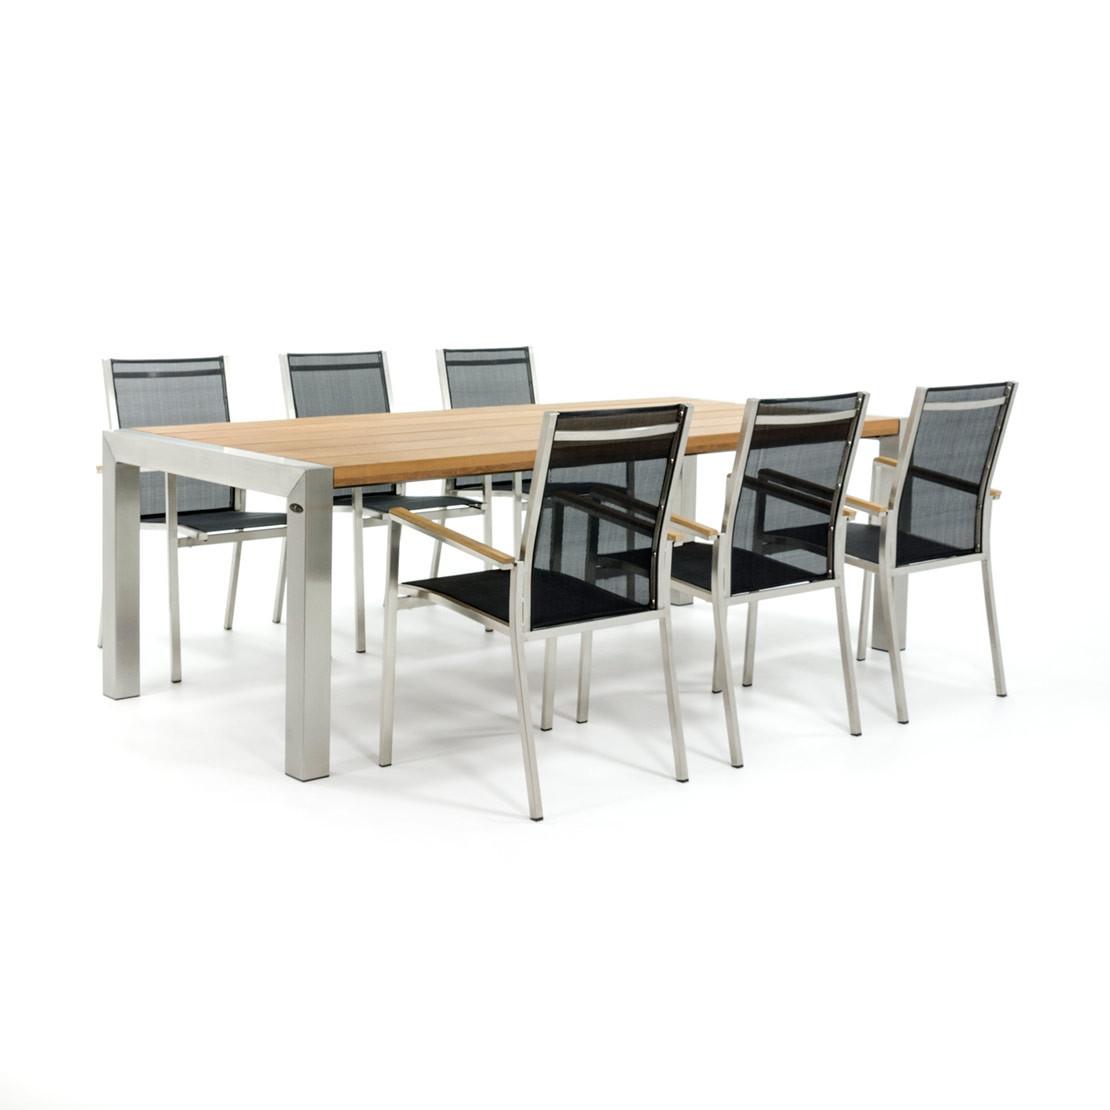 Houten tafelblad met RVS onderstel en stoelen